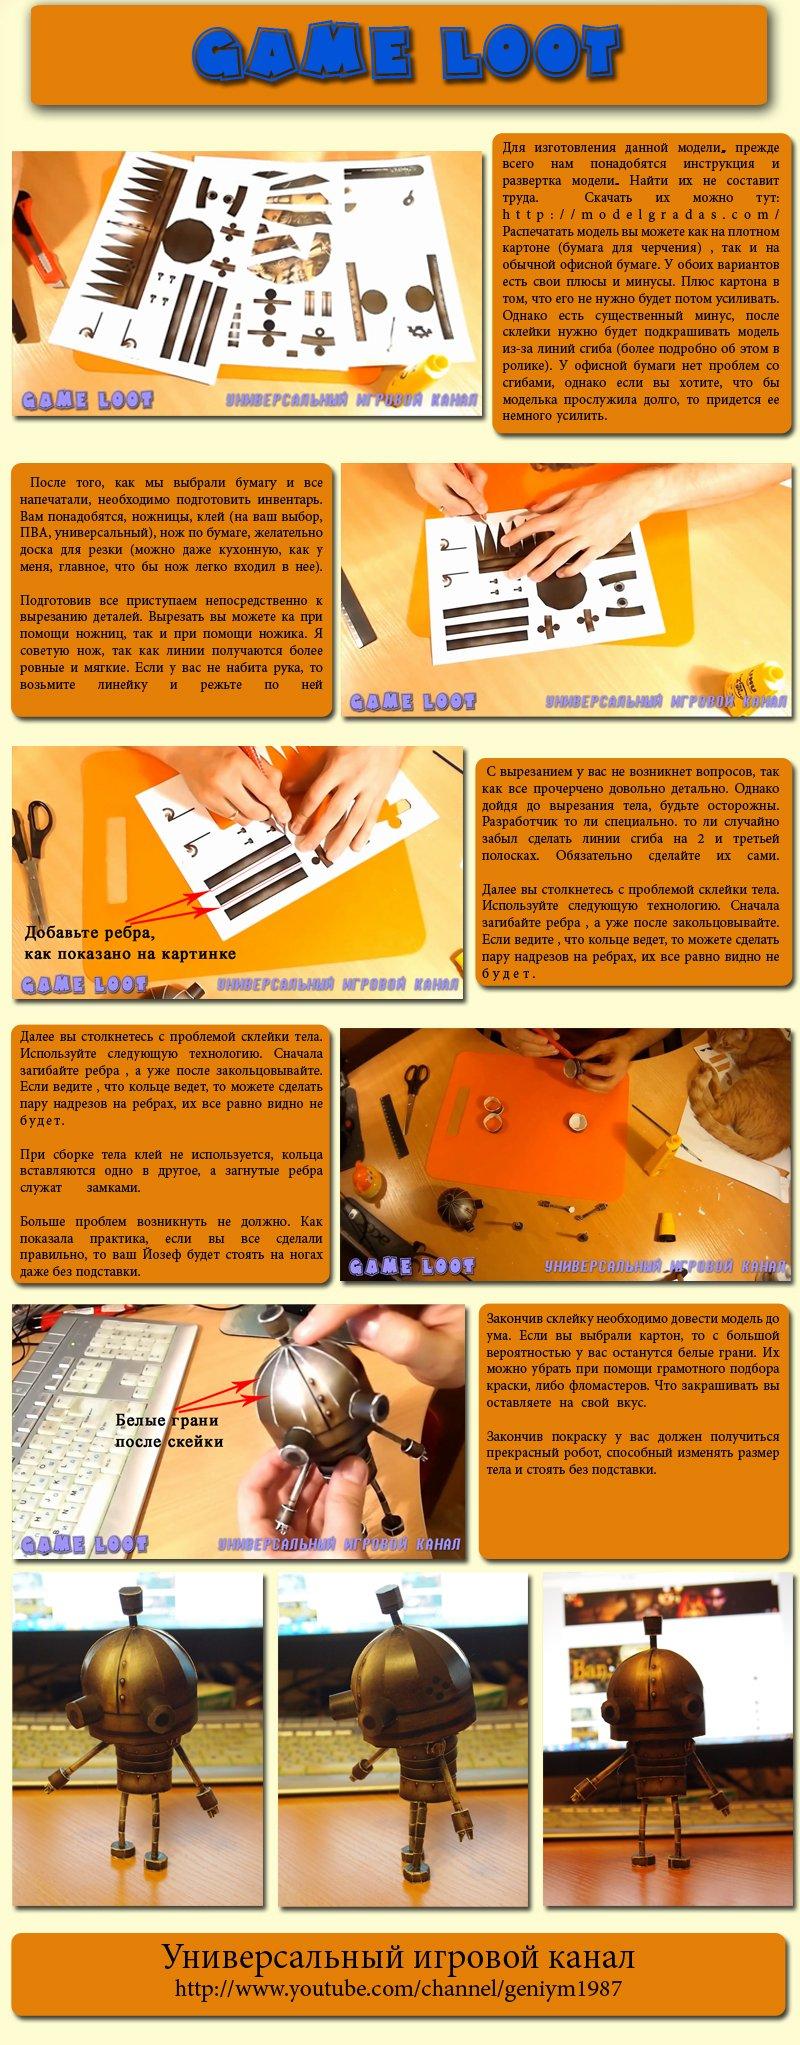 Изготовление робота Йозефа из игры Машинариум  - Изображение 1